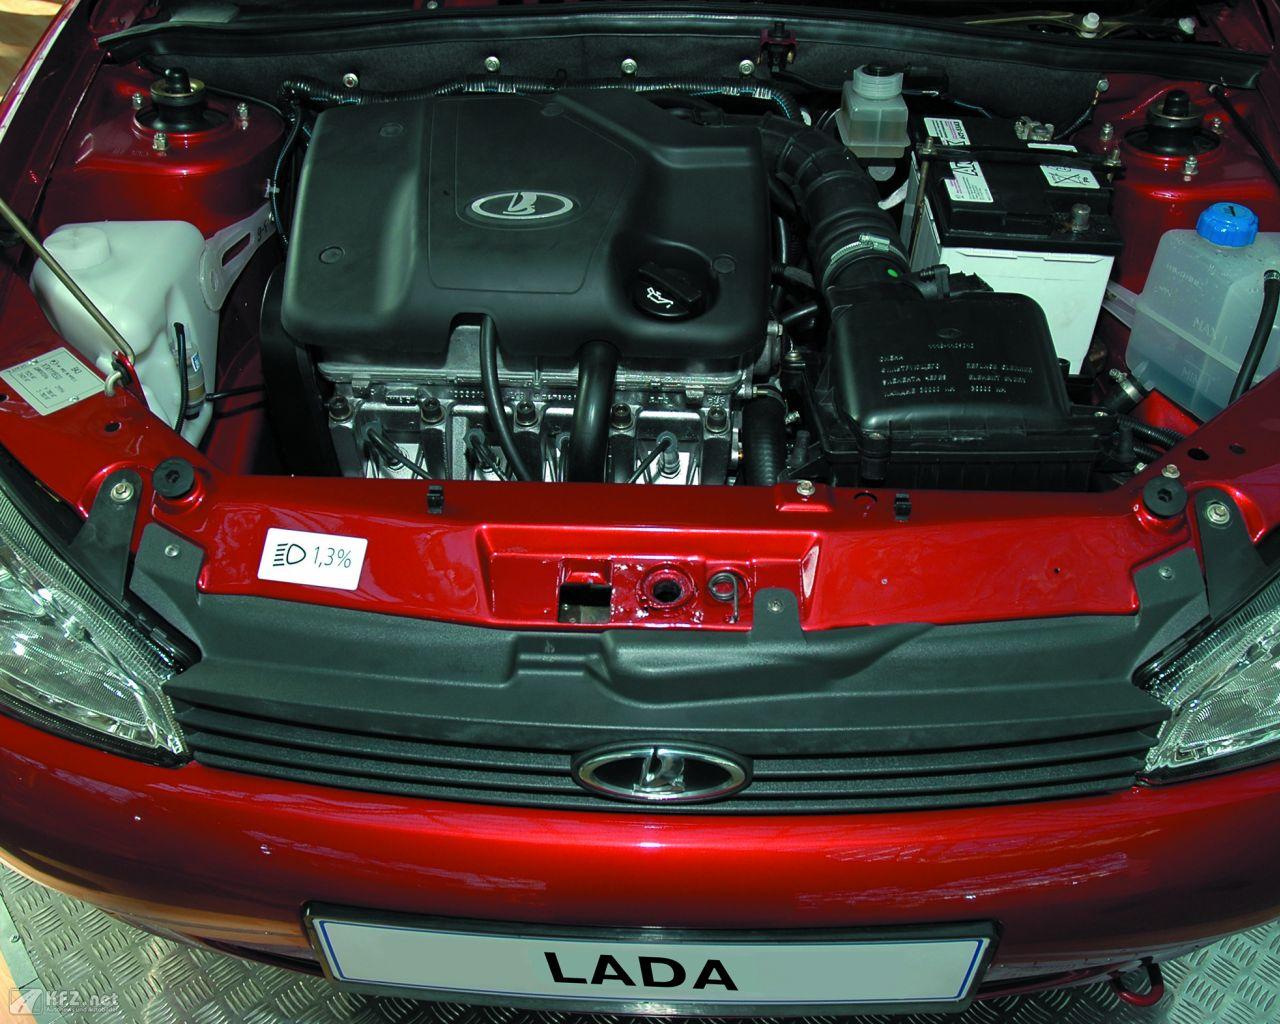 lada-kalina-1118-1280x1024-16